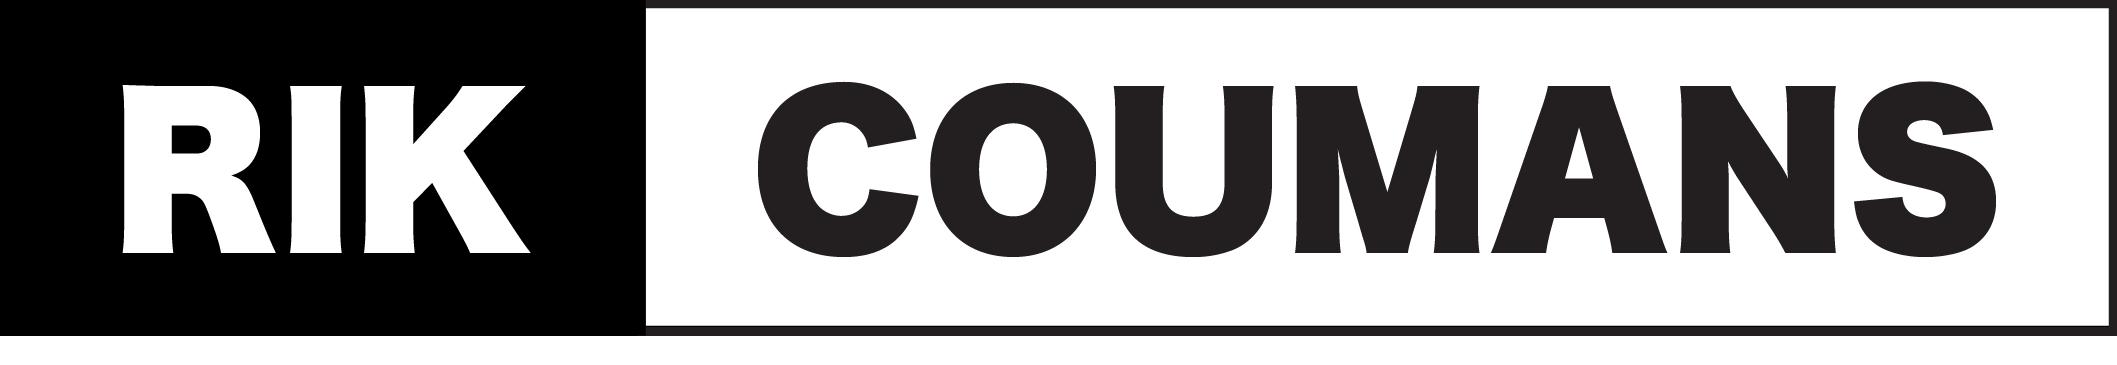 Rik Couman – Digitaal Onderwijs